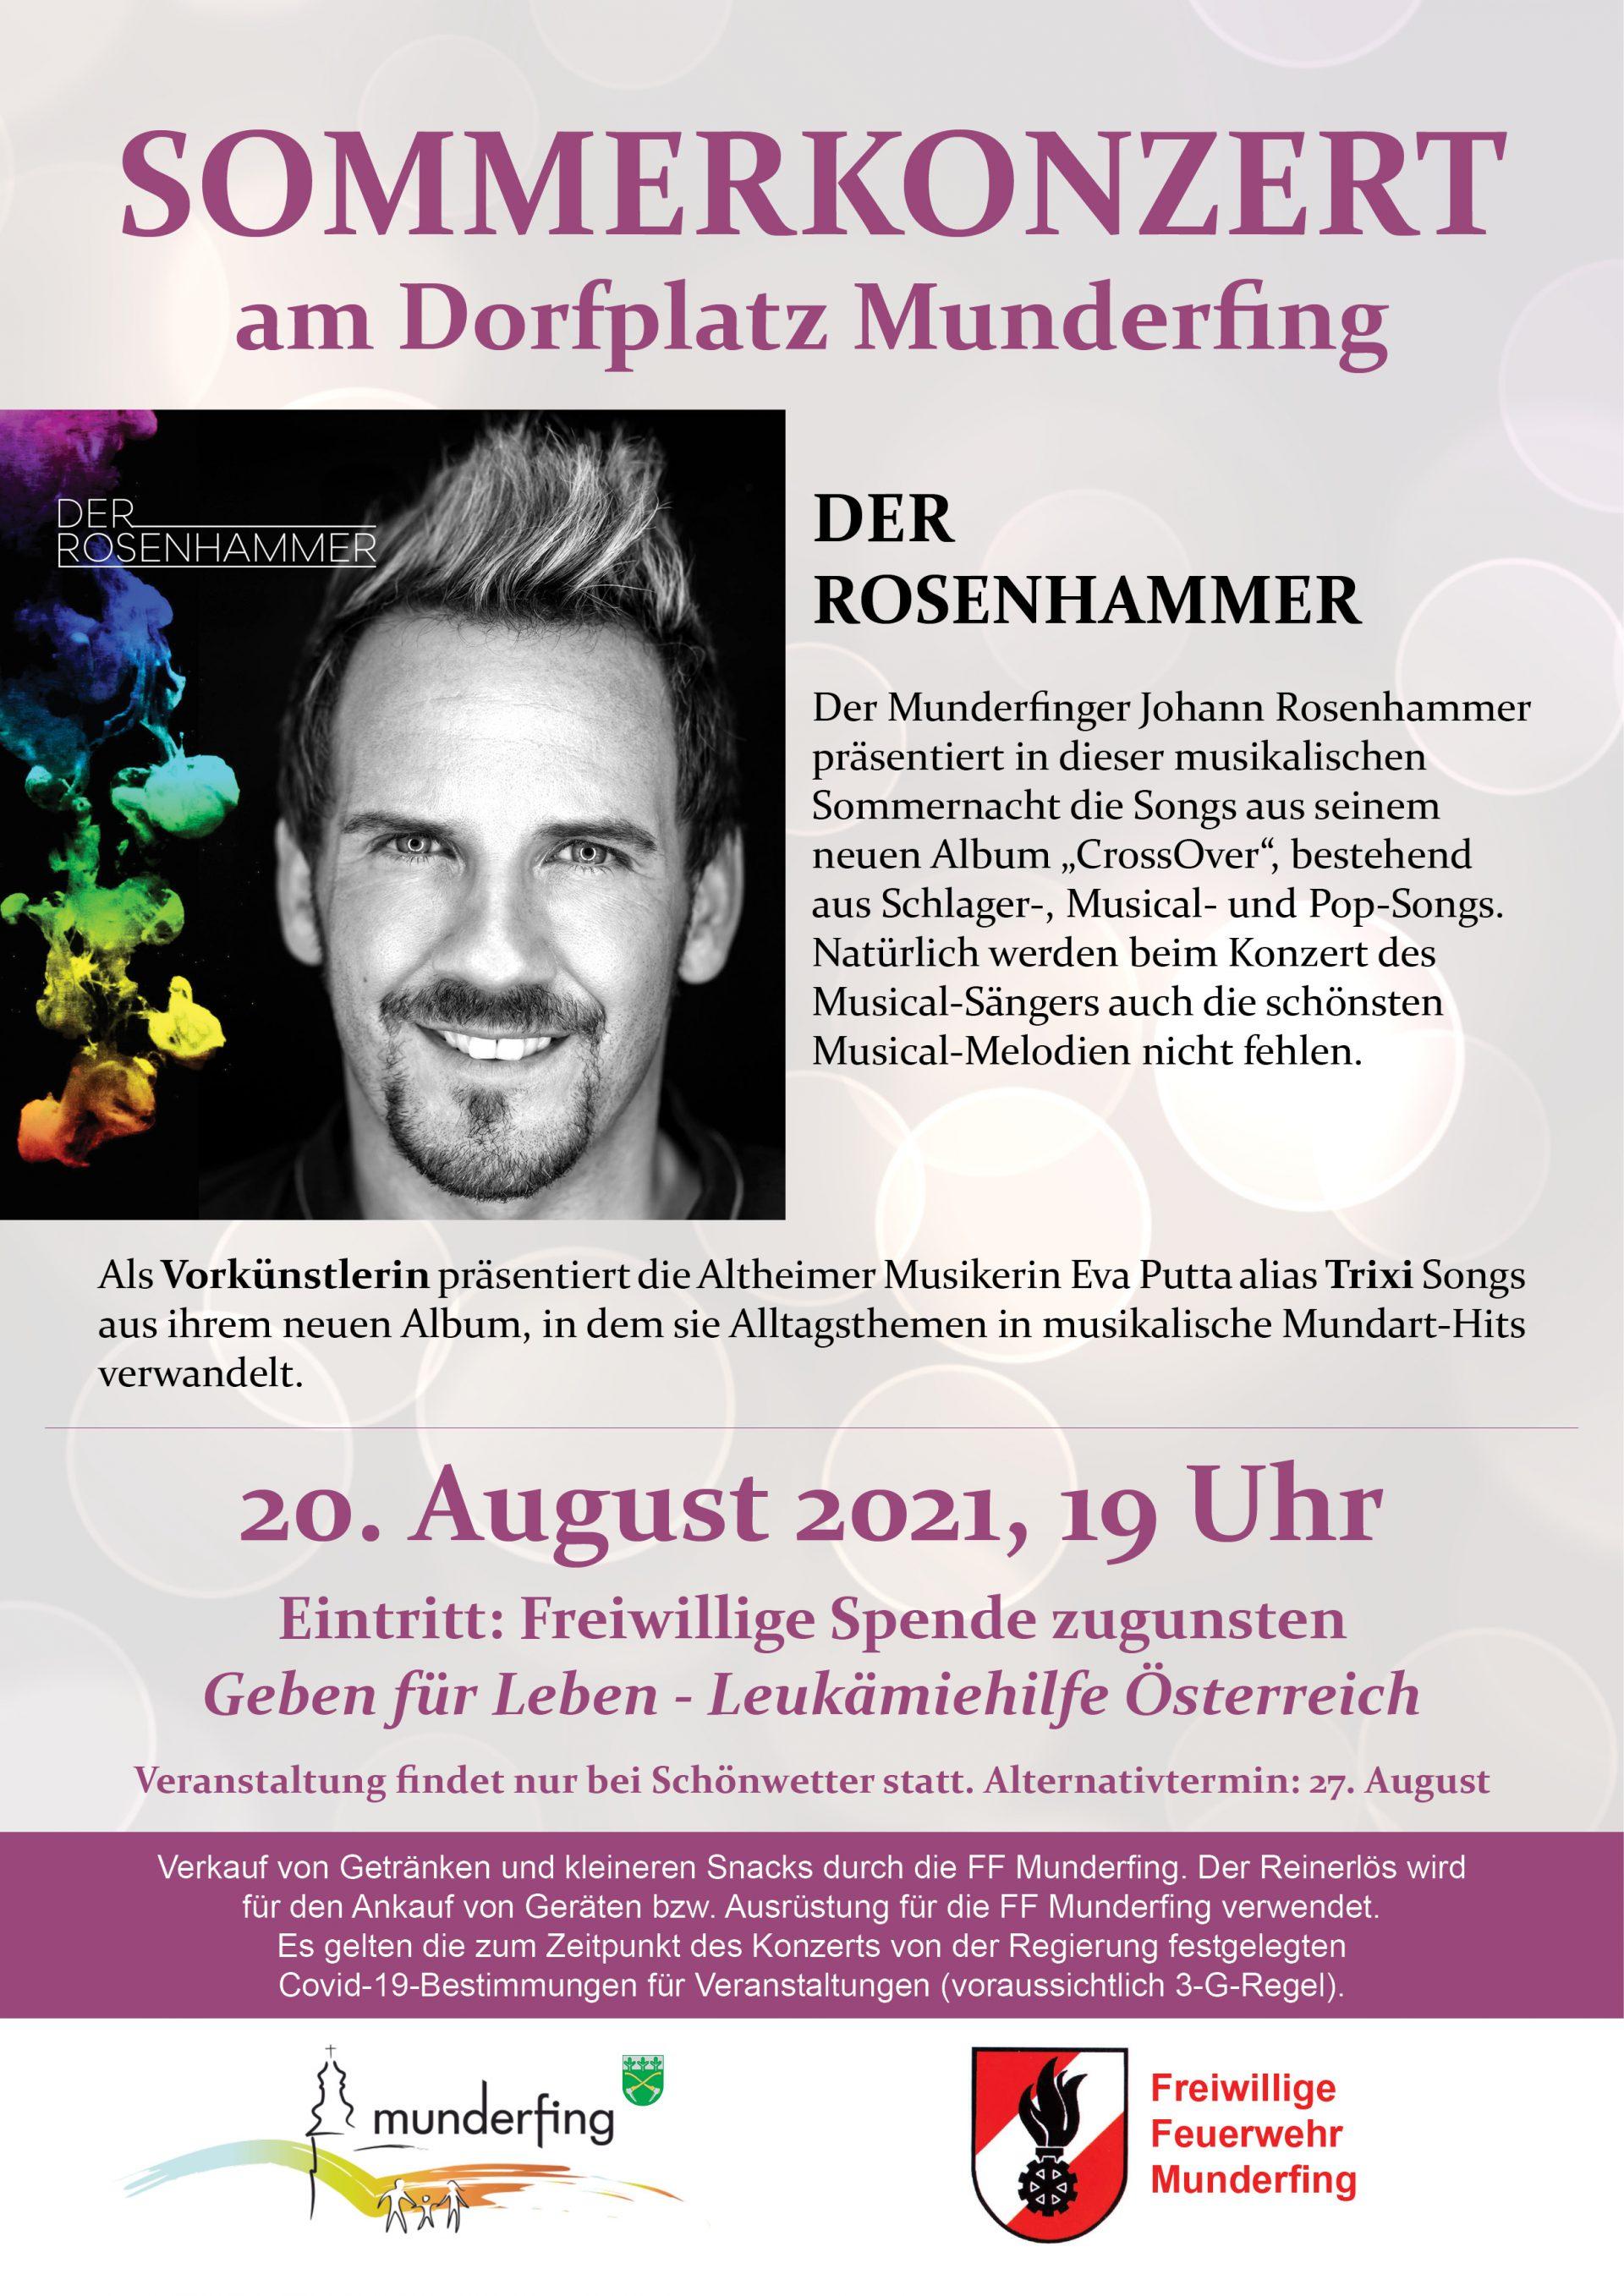 Dieses Bild zeigt das Plakat des Sommerkonzerts am Dorfplatz Munderfing am 20. August 2021.